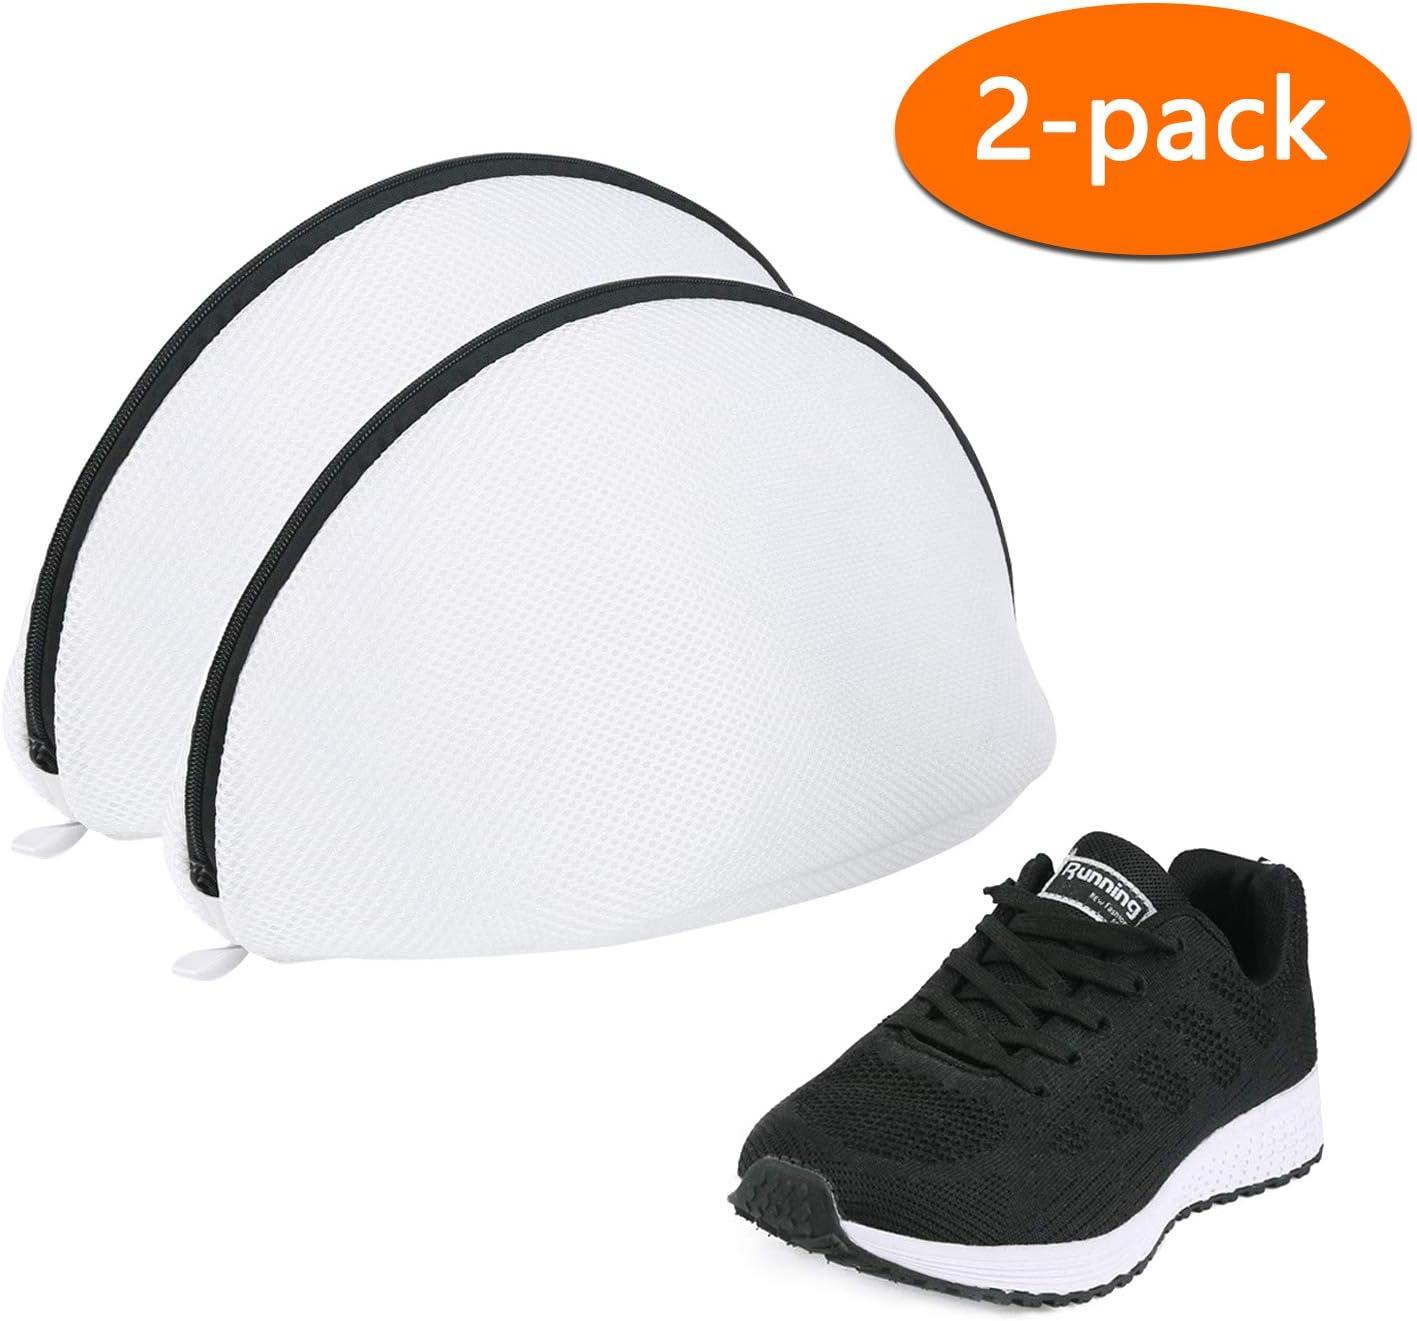 Eono by Amazon - Bolsa para Lavadora para Zapatillas, Bolsa Malla de Lavandería para Lavadoras Bolsas de Colada para Zapatos/Zapatillas de Deport, 2 Pcs